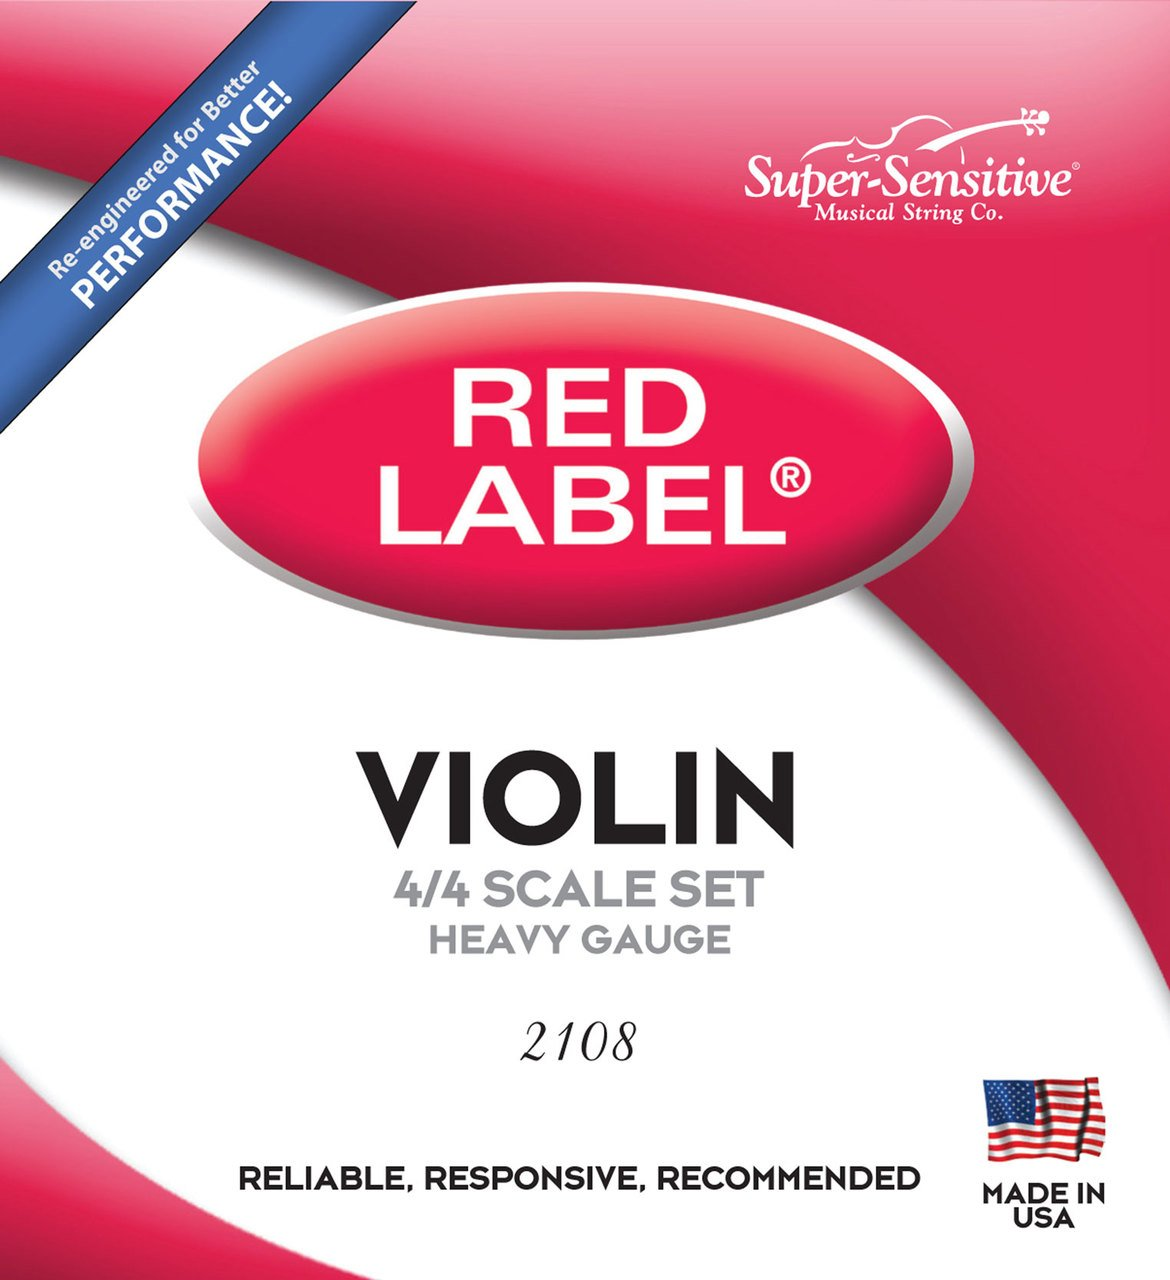 Super-Sensitive Red Label 4/4 Violin String Set, Heavy